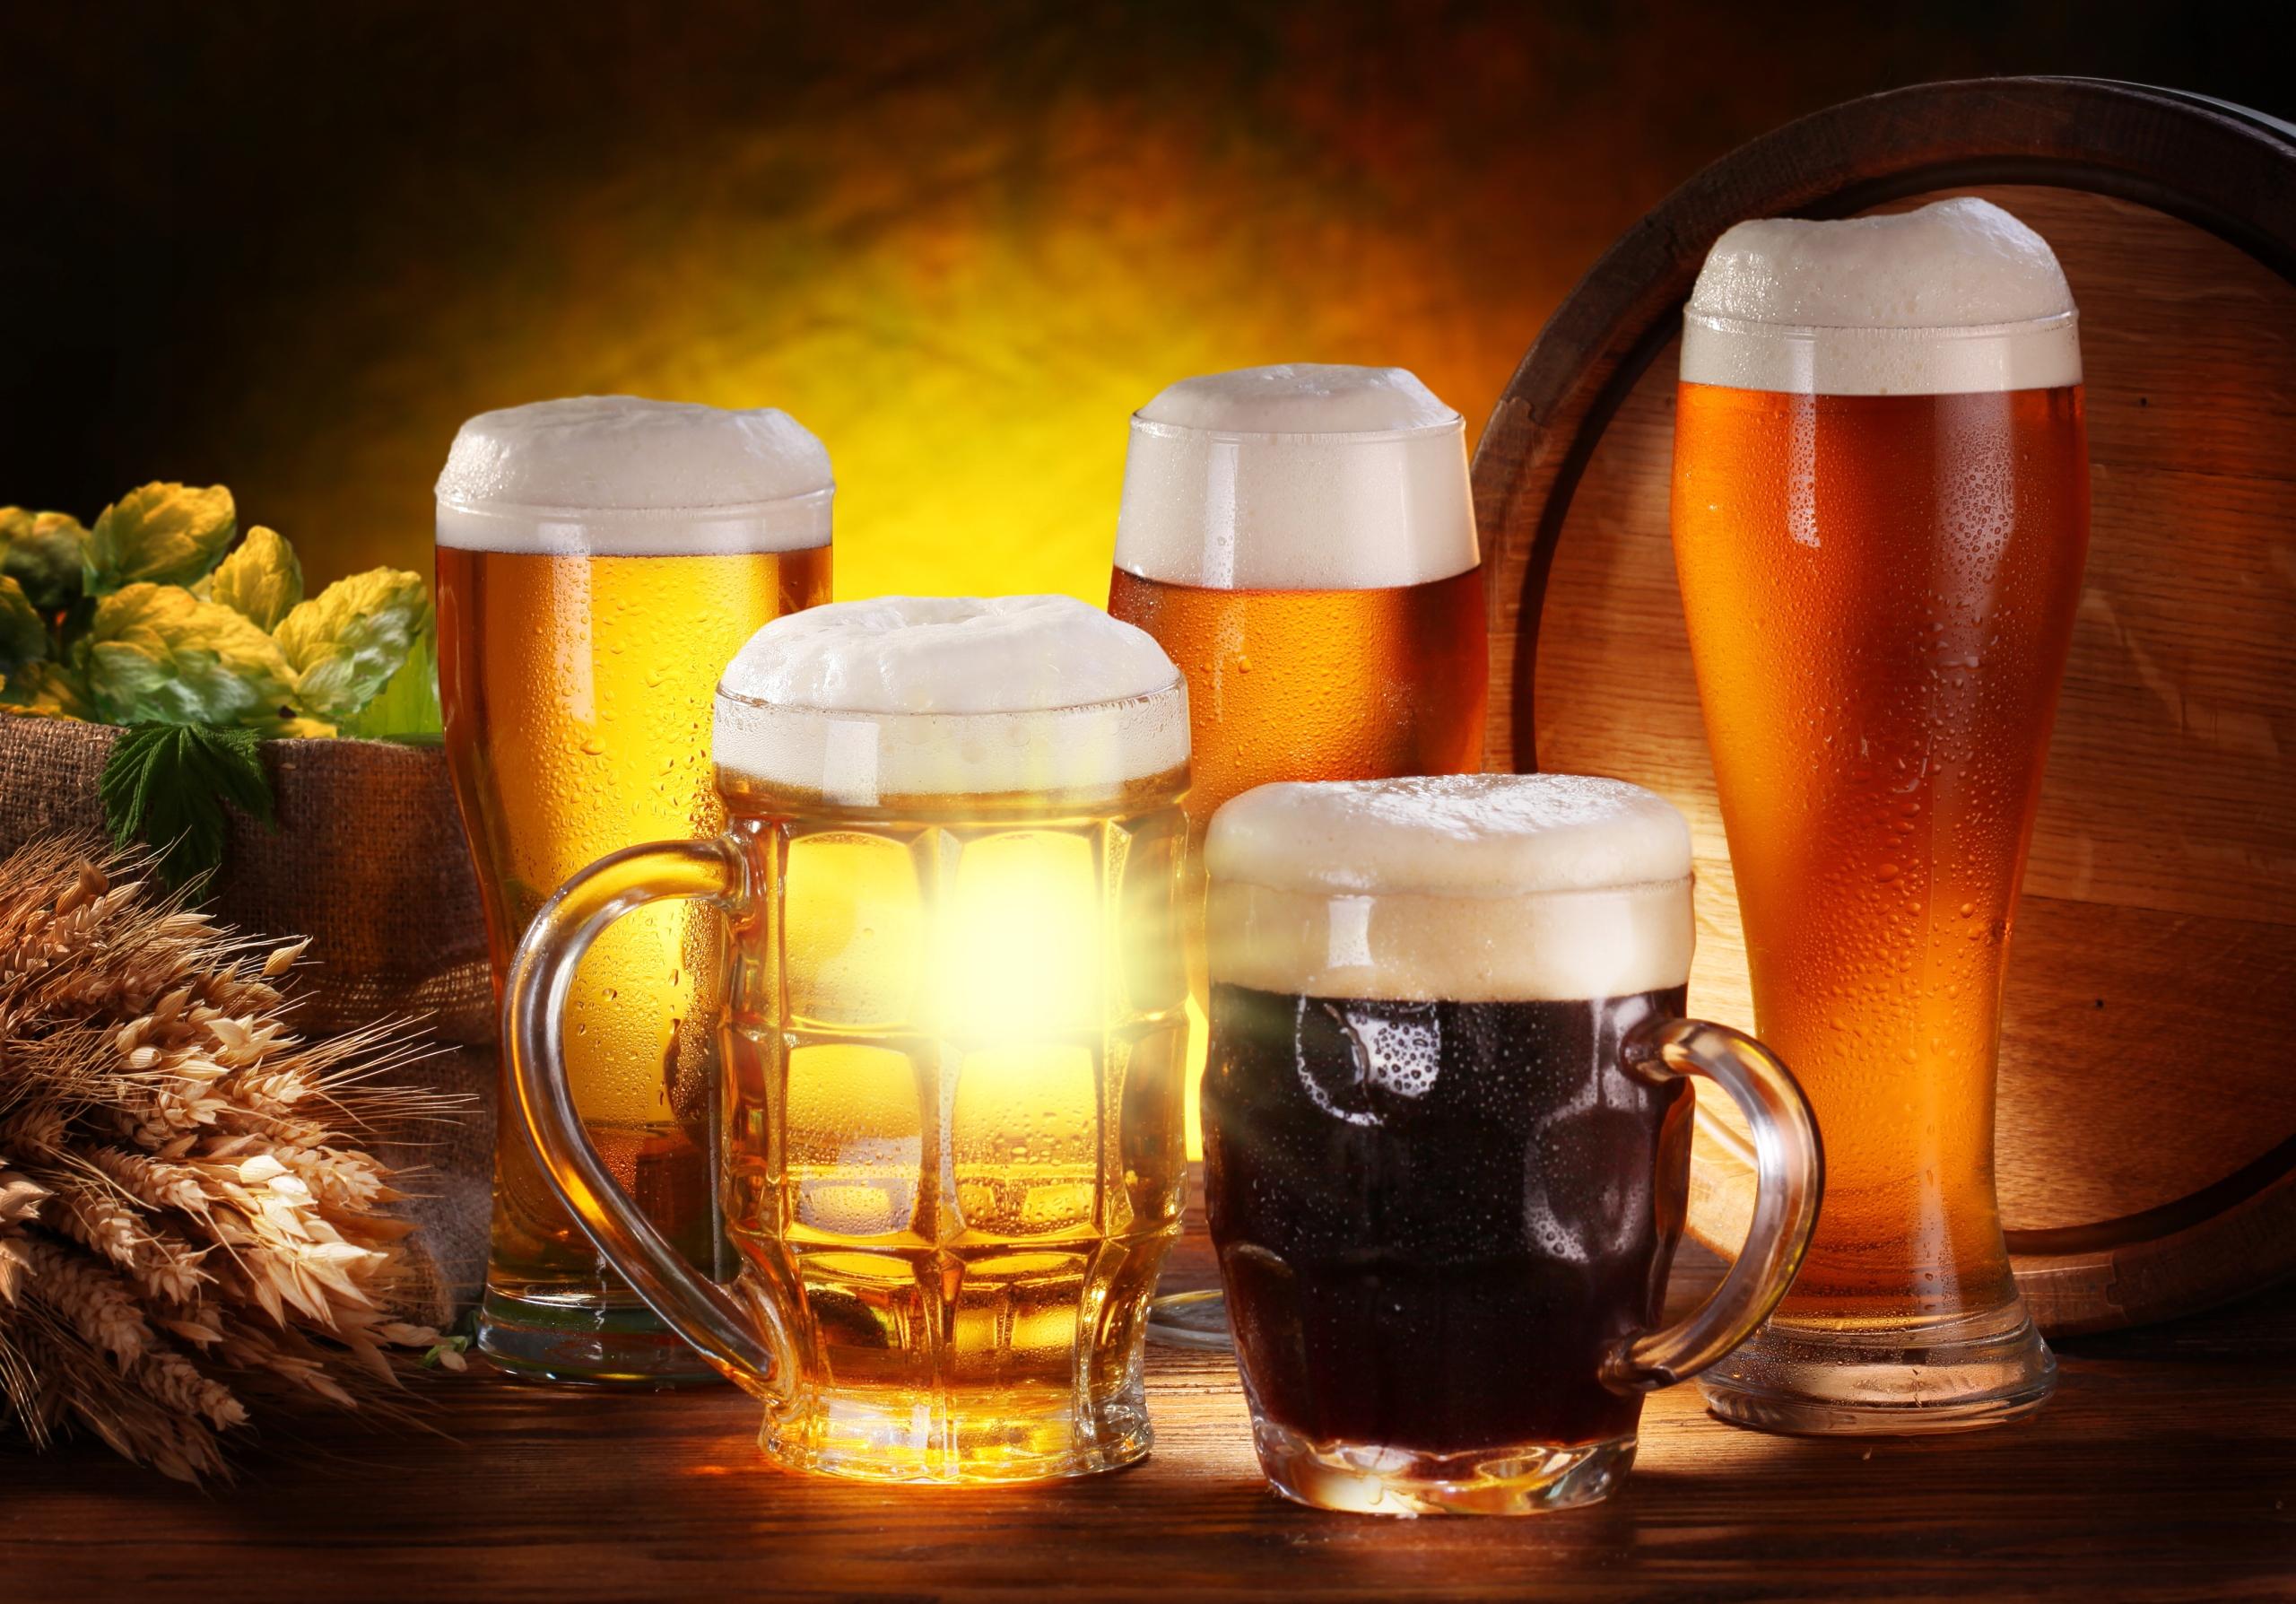 картинки про пиво в хорошем качестве почему работает вспышка